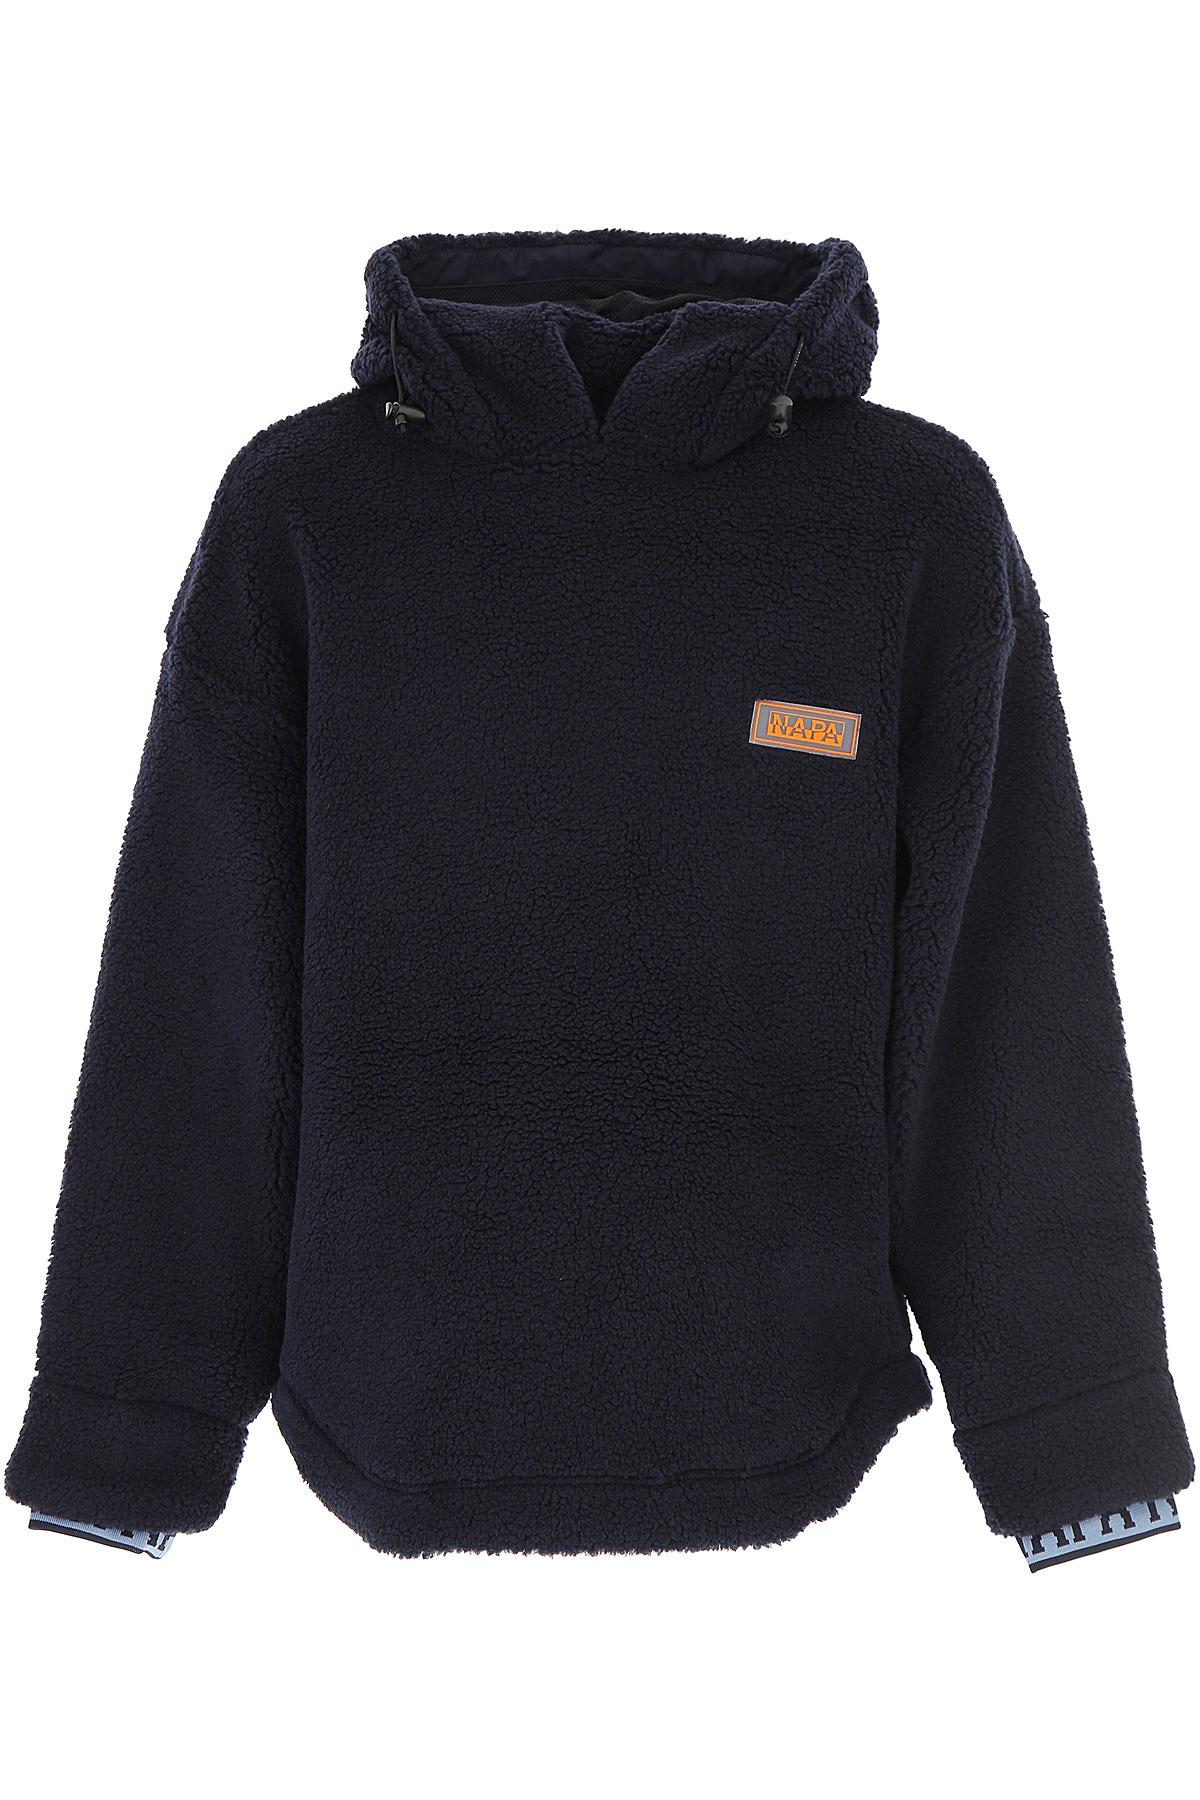 Image of Napapijri Sweater for Men Jumper, Dark Blue, Wool, 2017, L M S XL